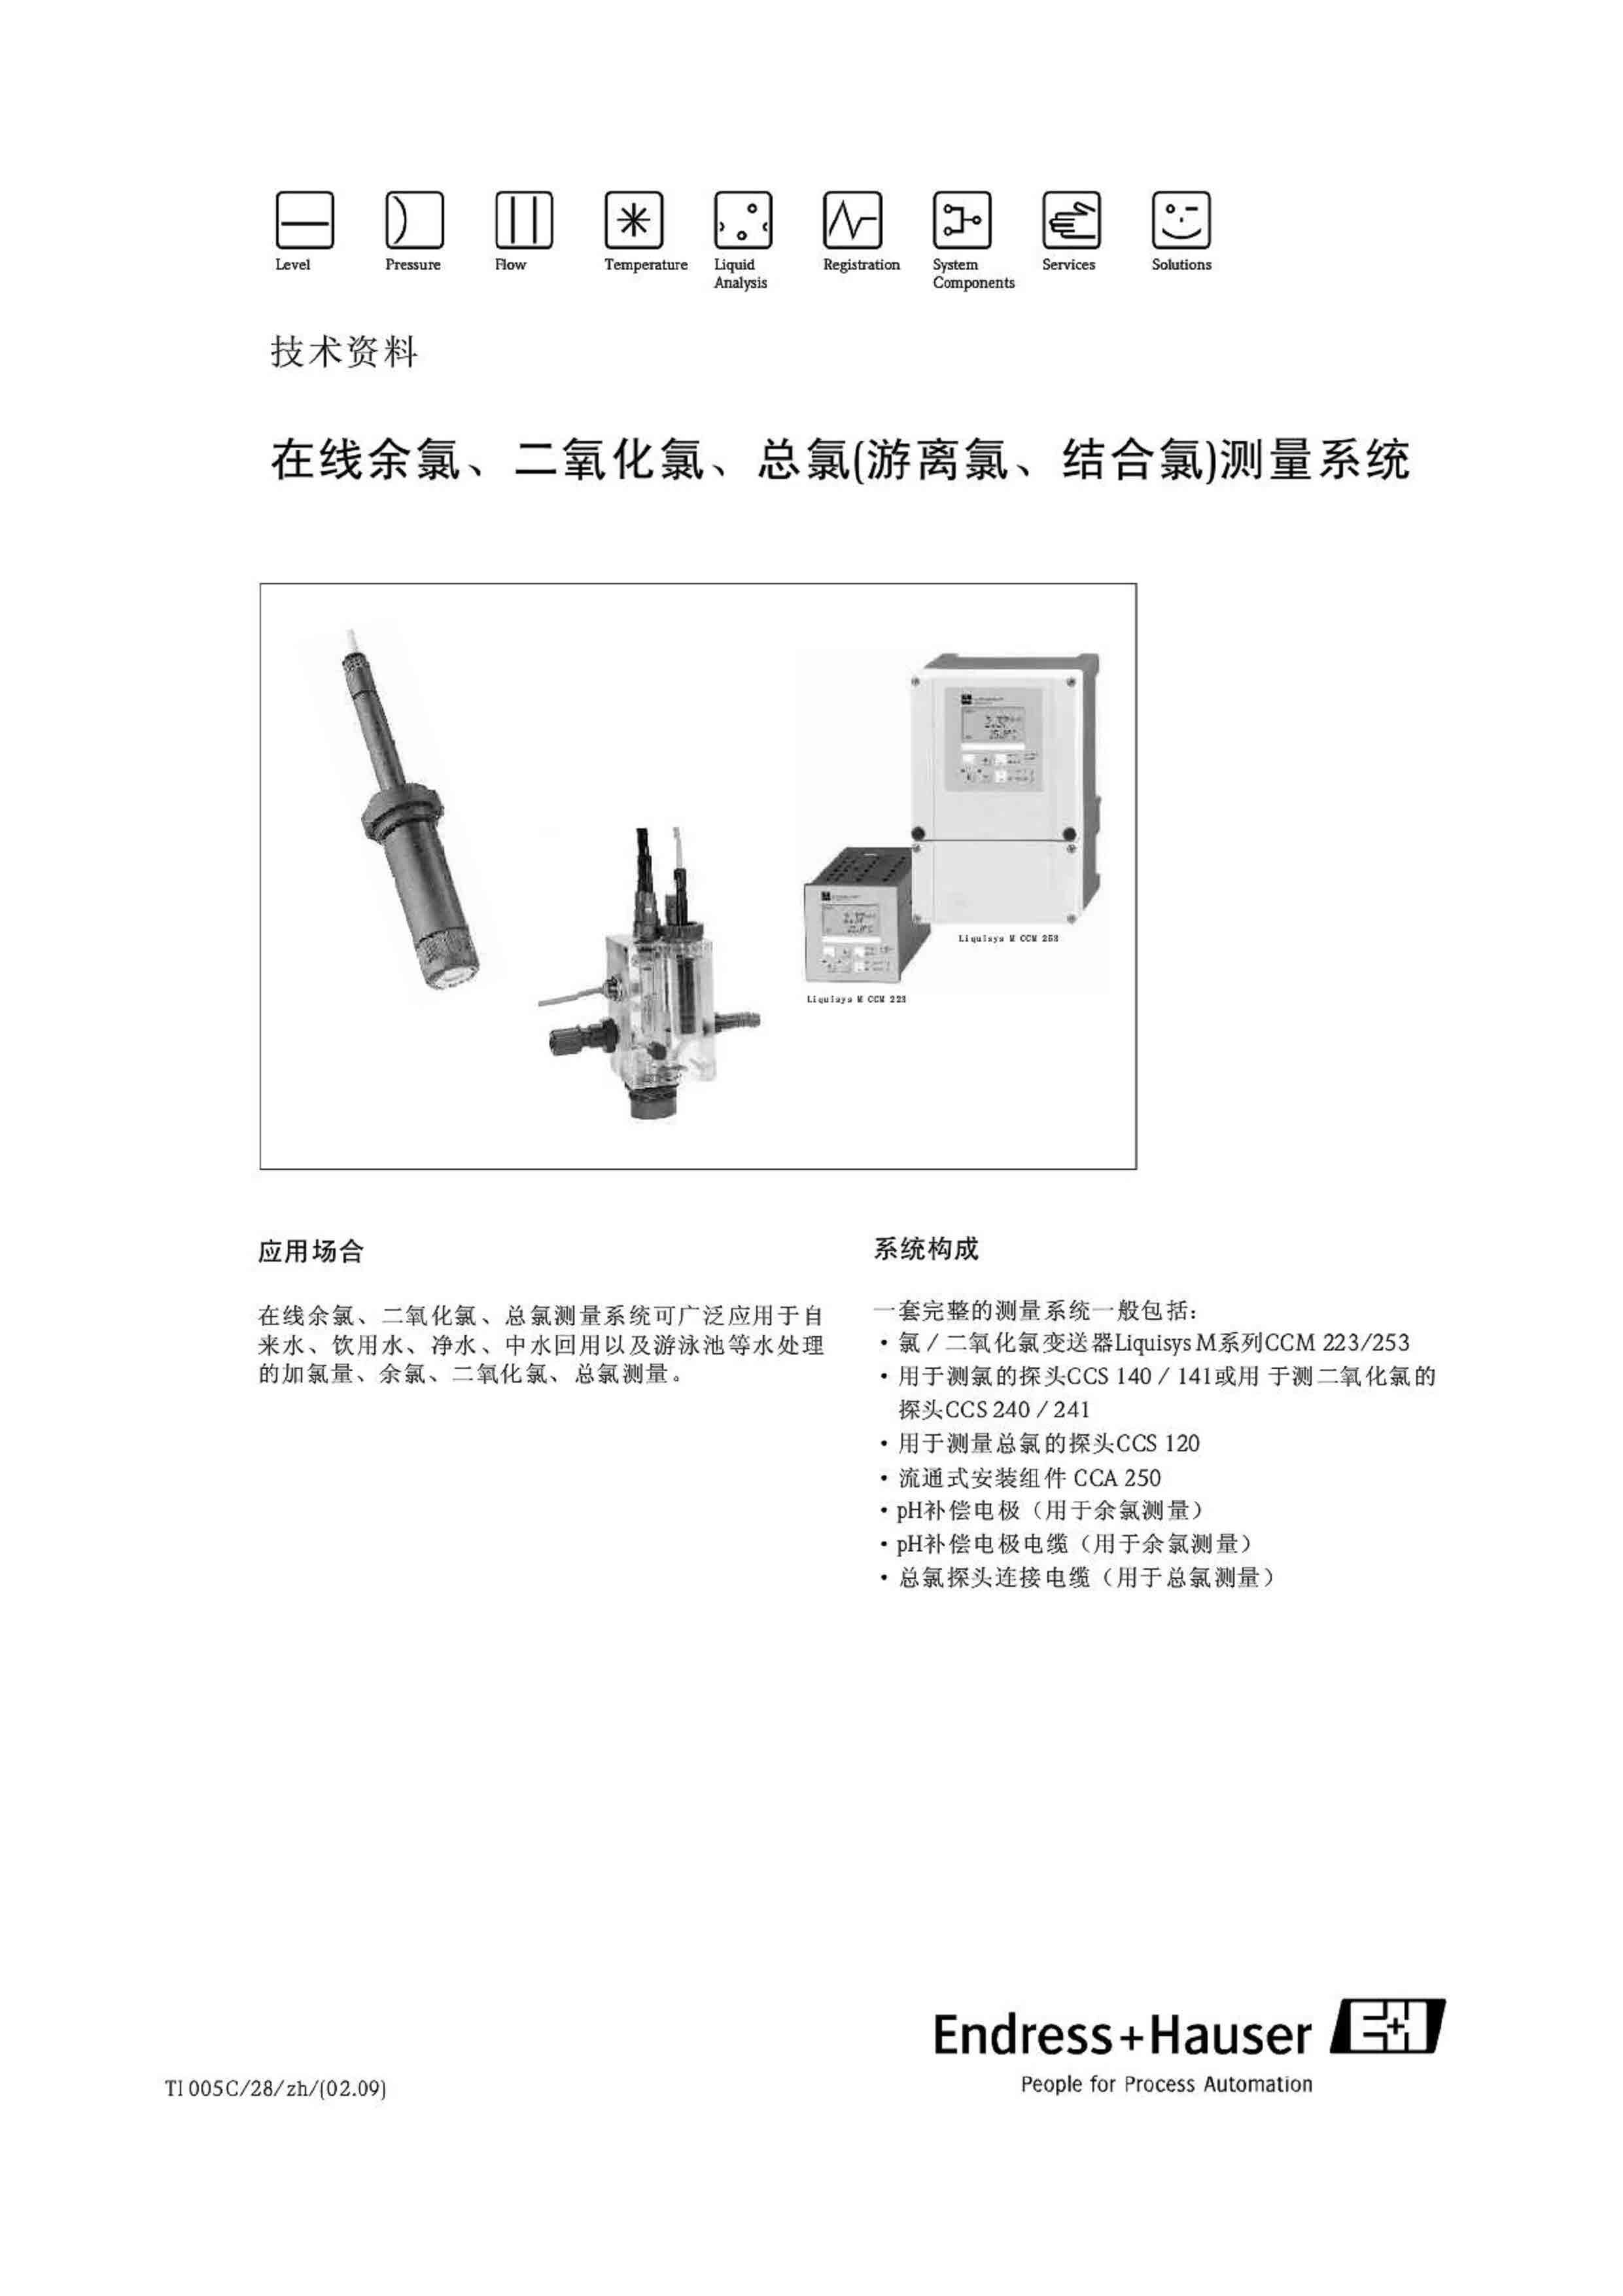 E+H余氯传感器CCS140_CCS141_CCS120